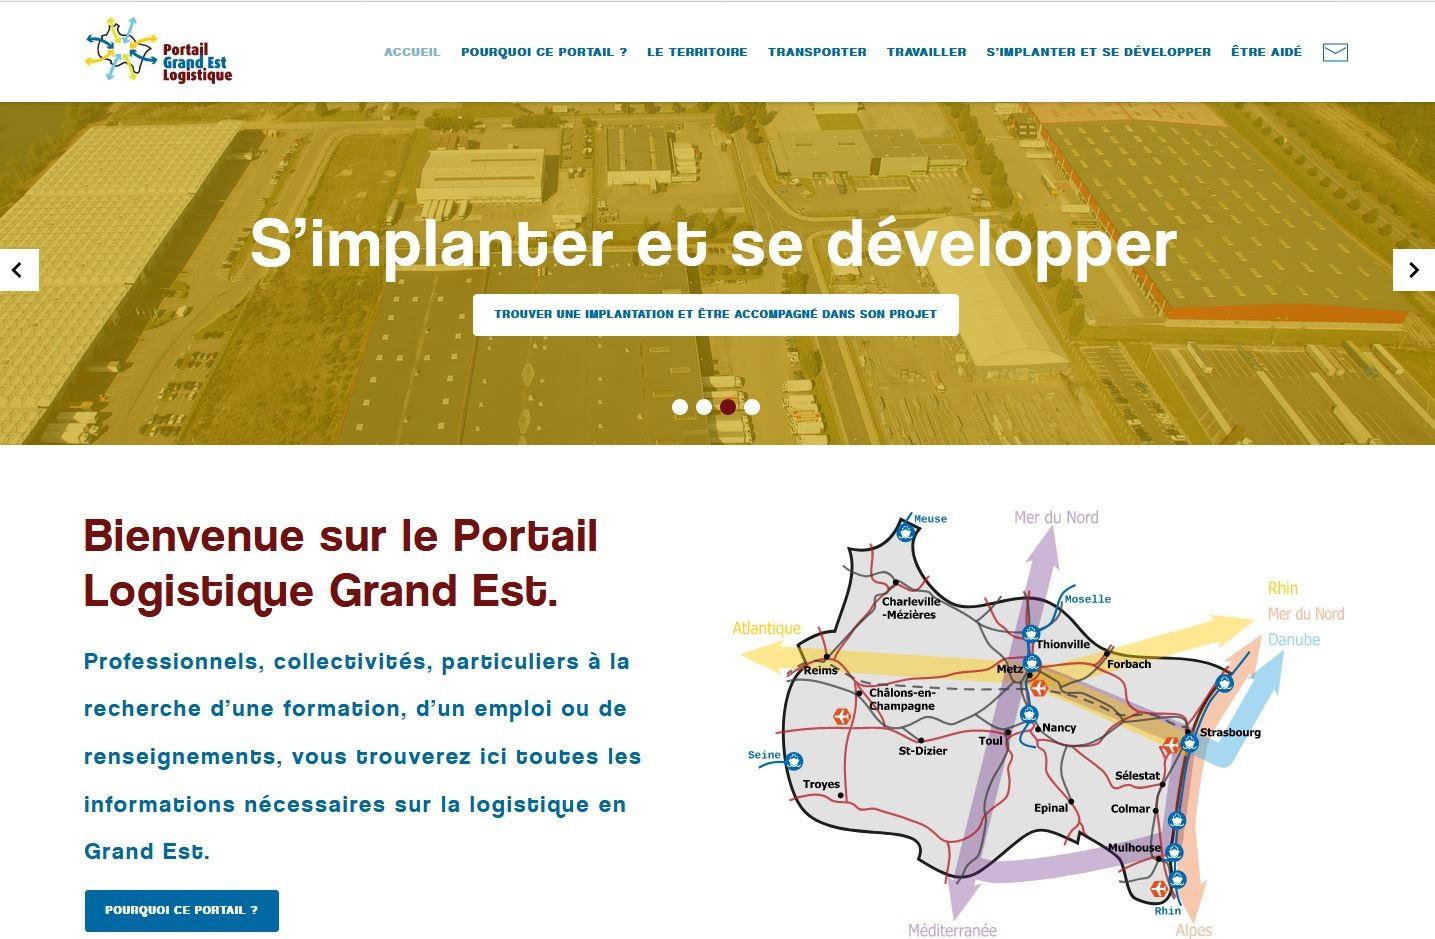 Page d'accueil du Portail Logistique Grand Est